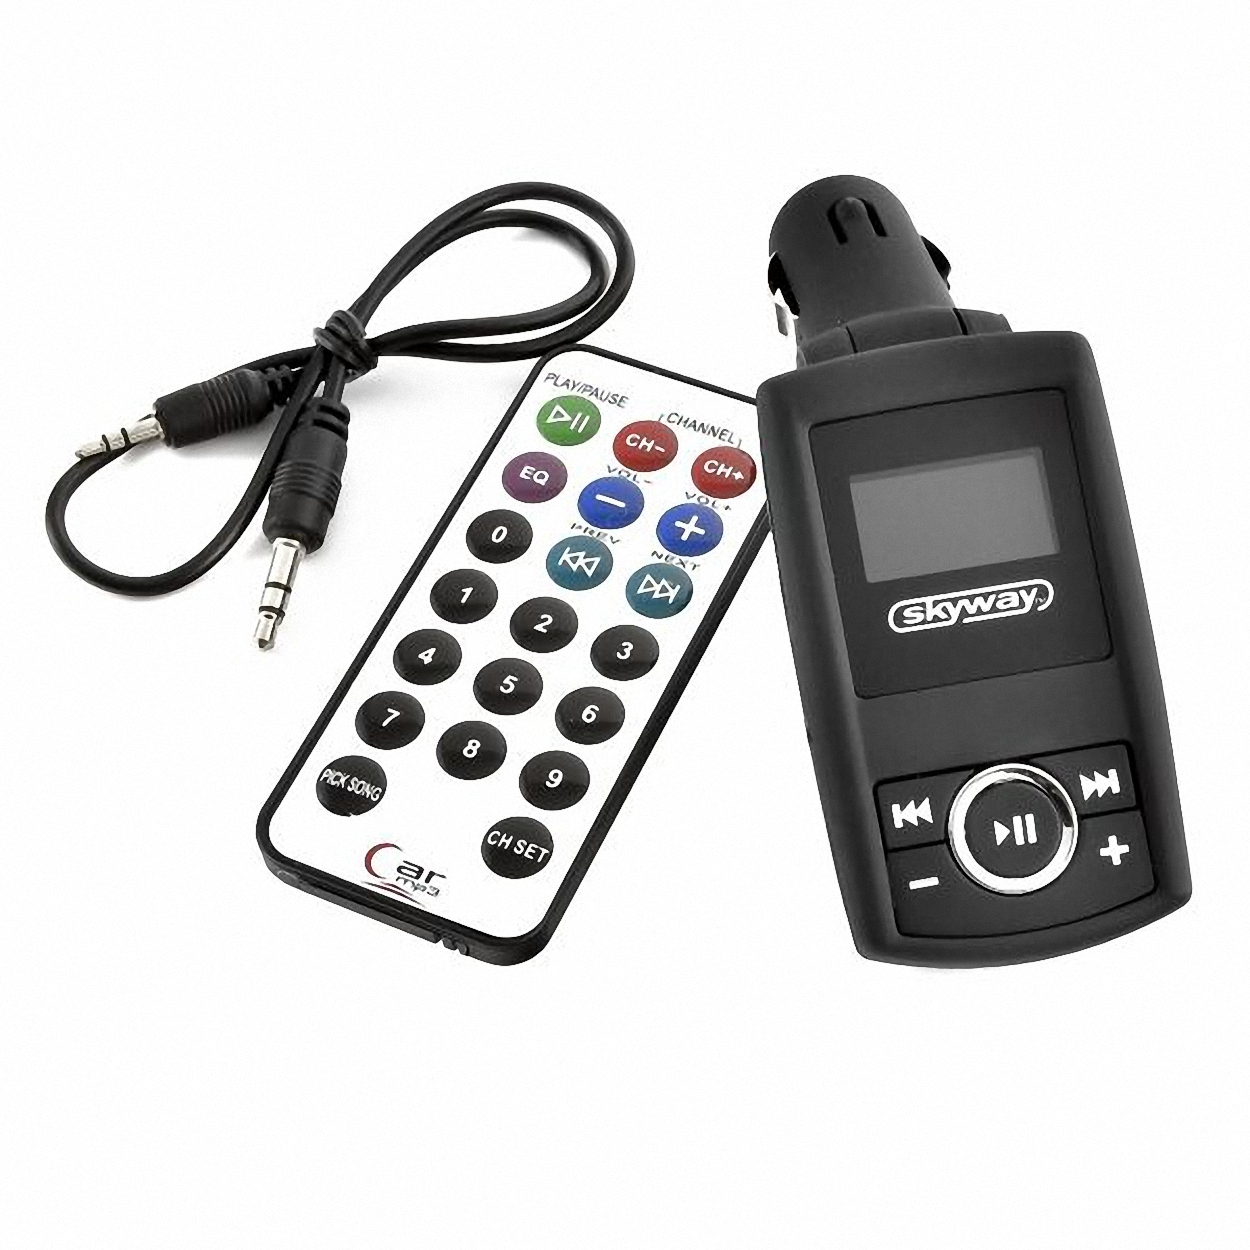 Skyway Модулятор . ST118/S01601002ST118/S01601002Комплектация:Автомобильный FM-модулятор.Пульт дистанционного управления.Аудио-кабель для линейного входа. Диапазон FM-частот: 87,5 МГц (В общем, 206 радиочастот).Разделение каналов: 40 децибел.Частотная характеристика: 35Гц - 20 КГц.Эквалайзер. Воспроизводит файлы в формате MP3/WMA с USB-носителей и карт памяти. LCD-дисплей. Питание от сети 12-24 В.